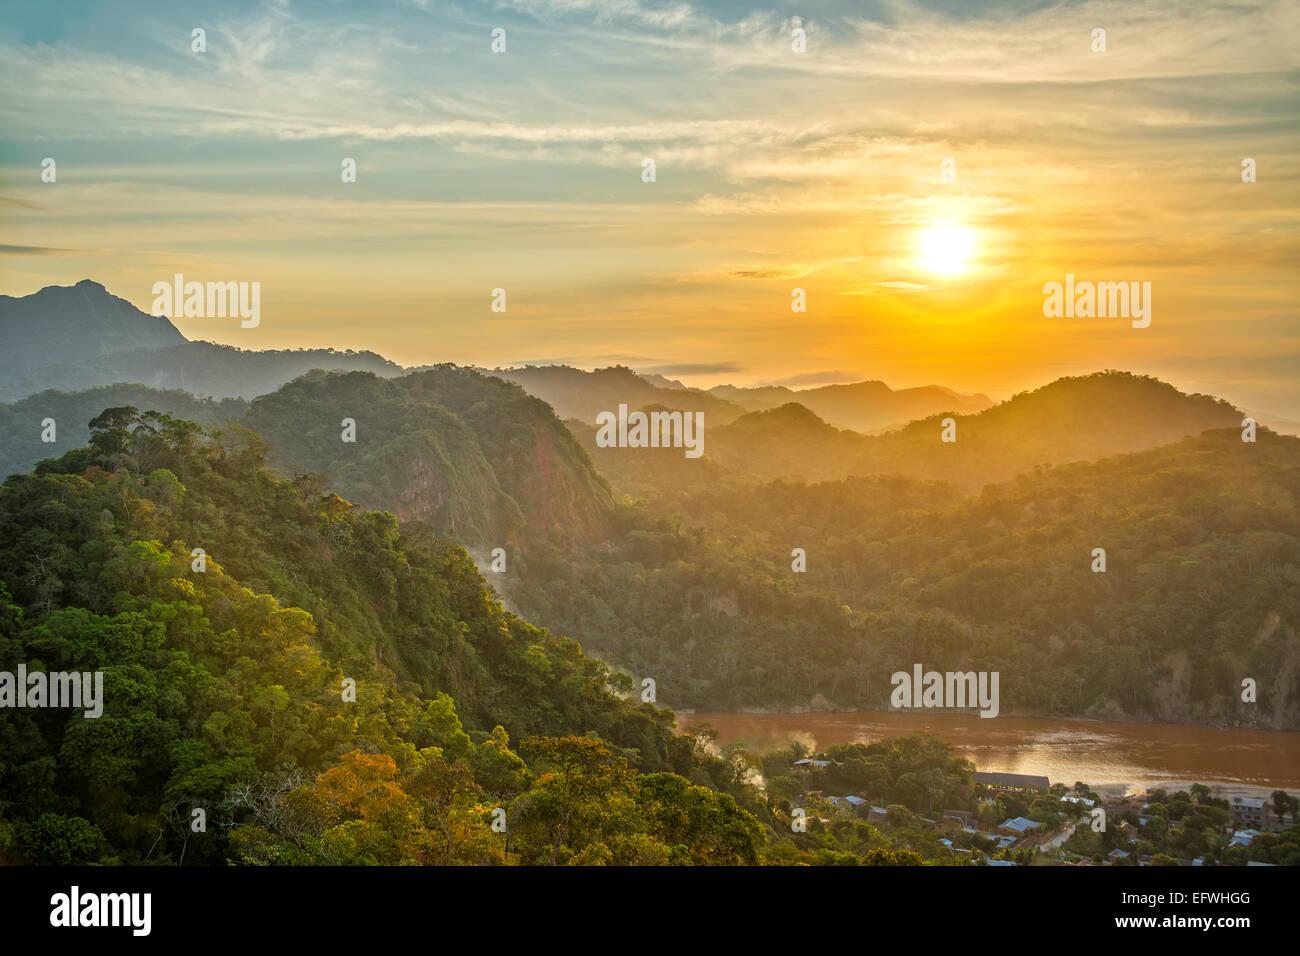 Coucher de soleil sur les collines couvertes de jungle luxuriante avec la rivière Beni visible à Rurrenabaque, Photo Stock